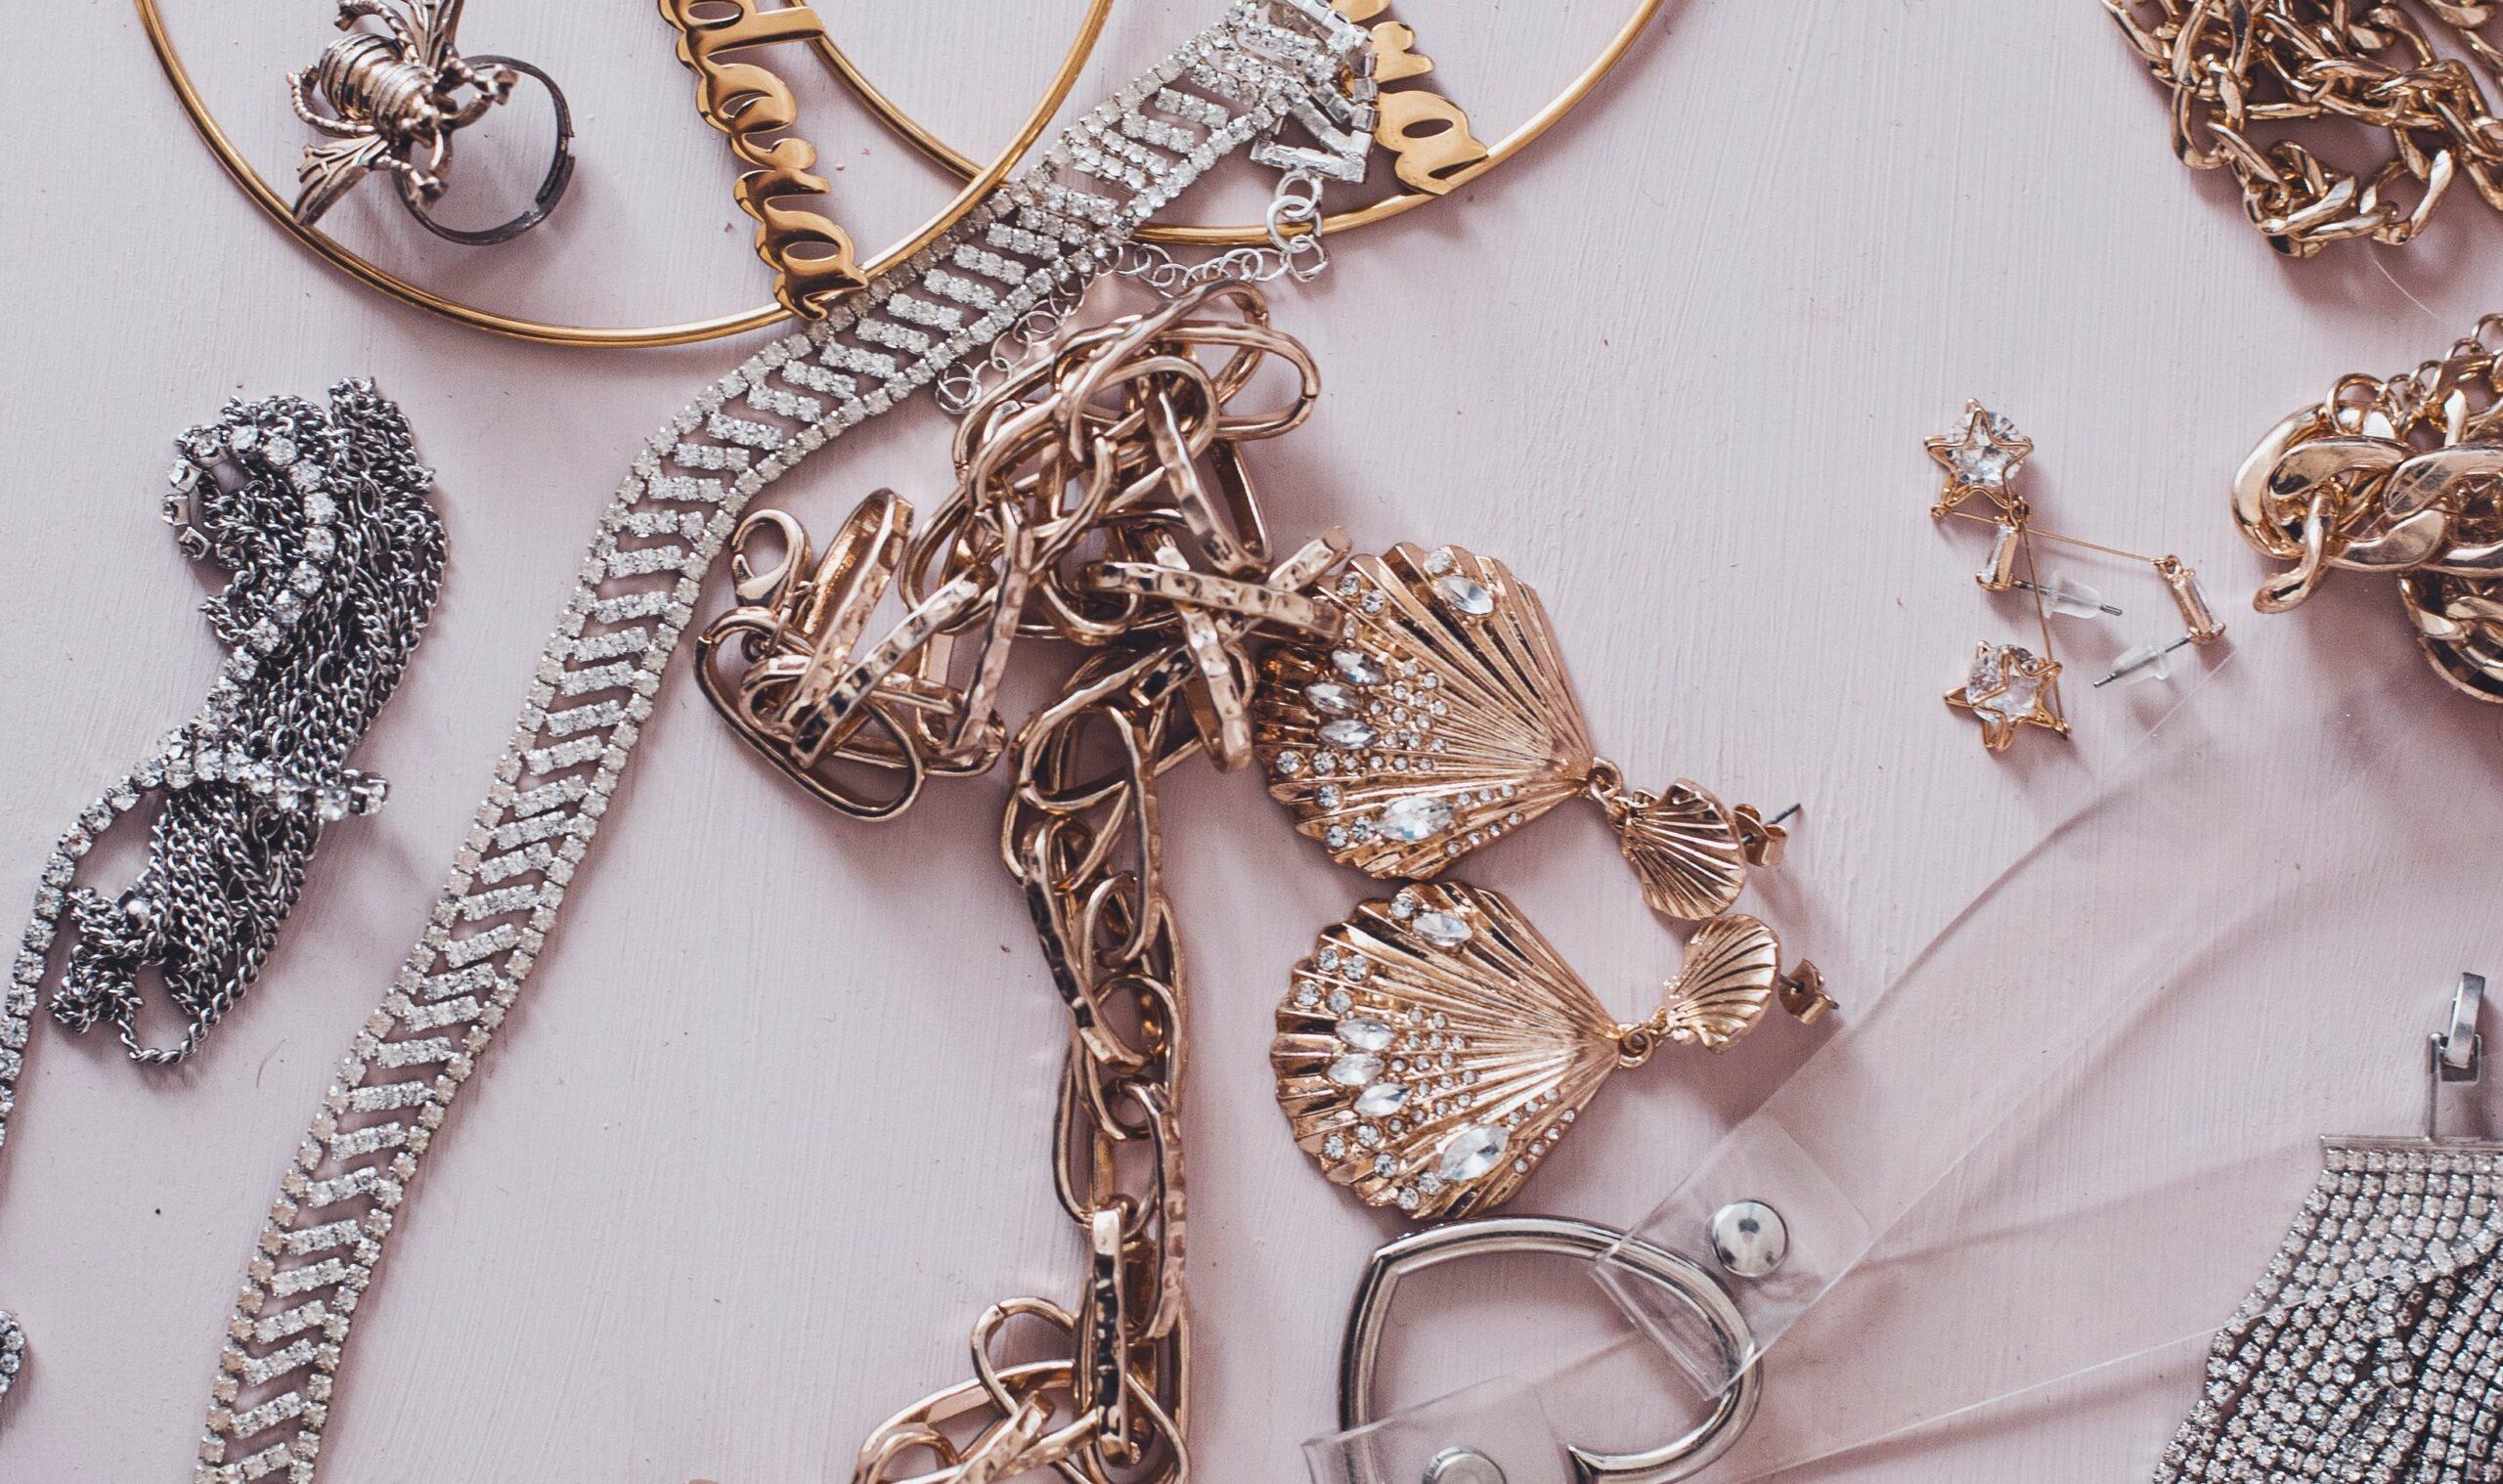 La orfebrería ofrece piezas únicas de joyería